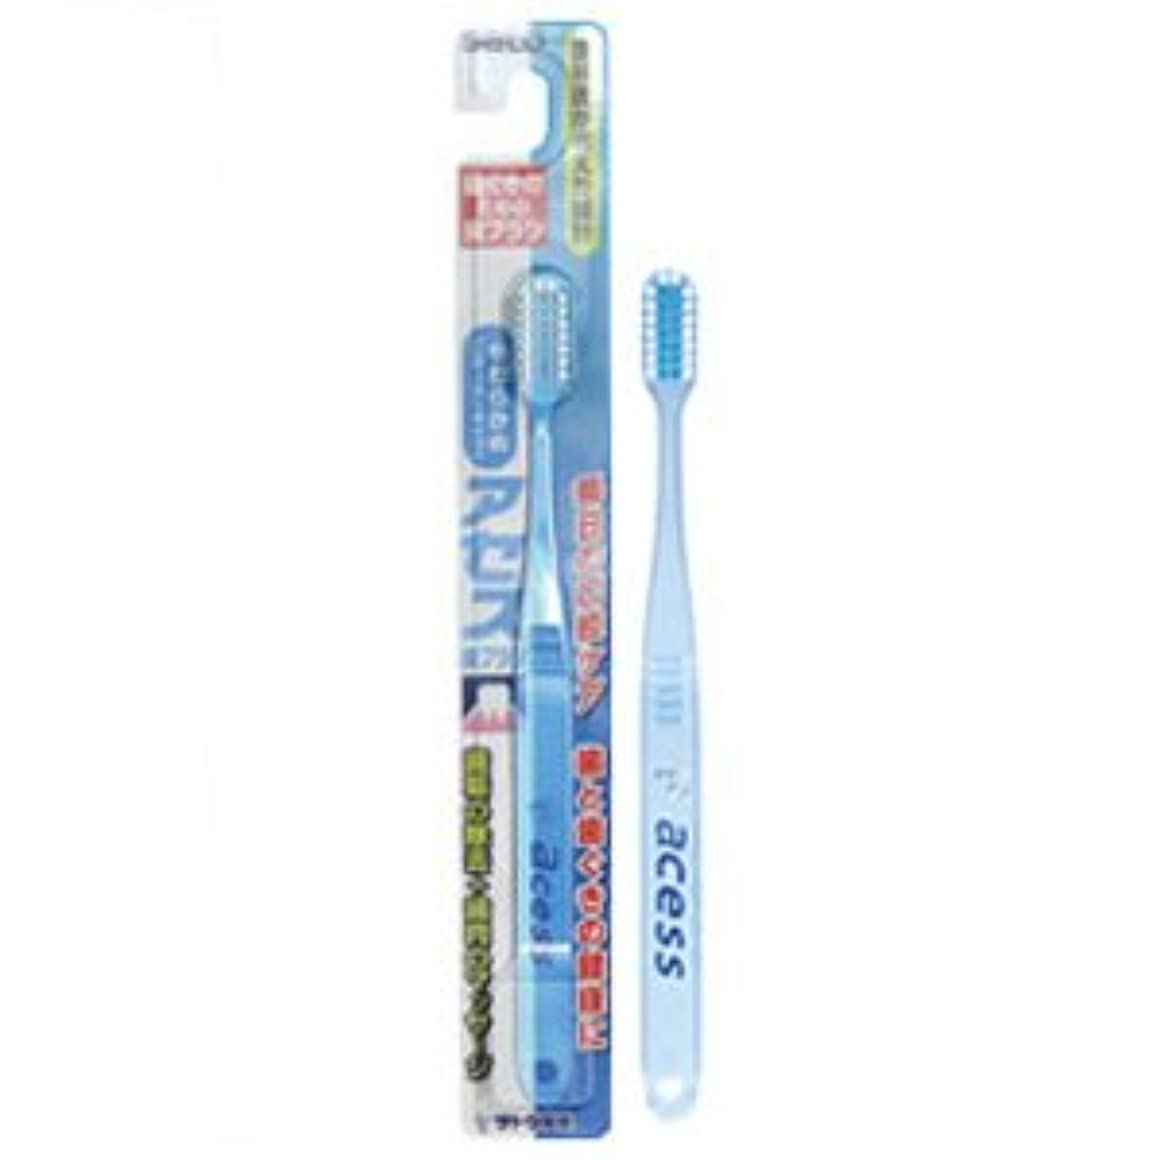 わかる根拠最大アセス歯ブラシ やわらかめ(レギュラータイプ) ブルー 12本